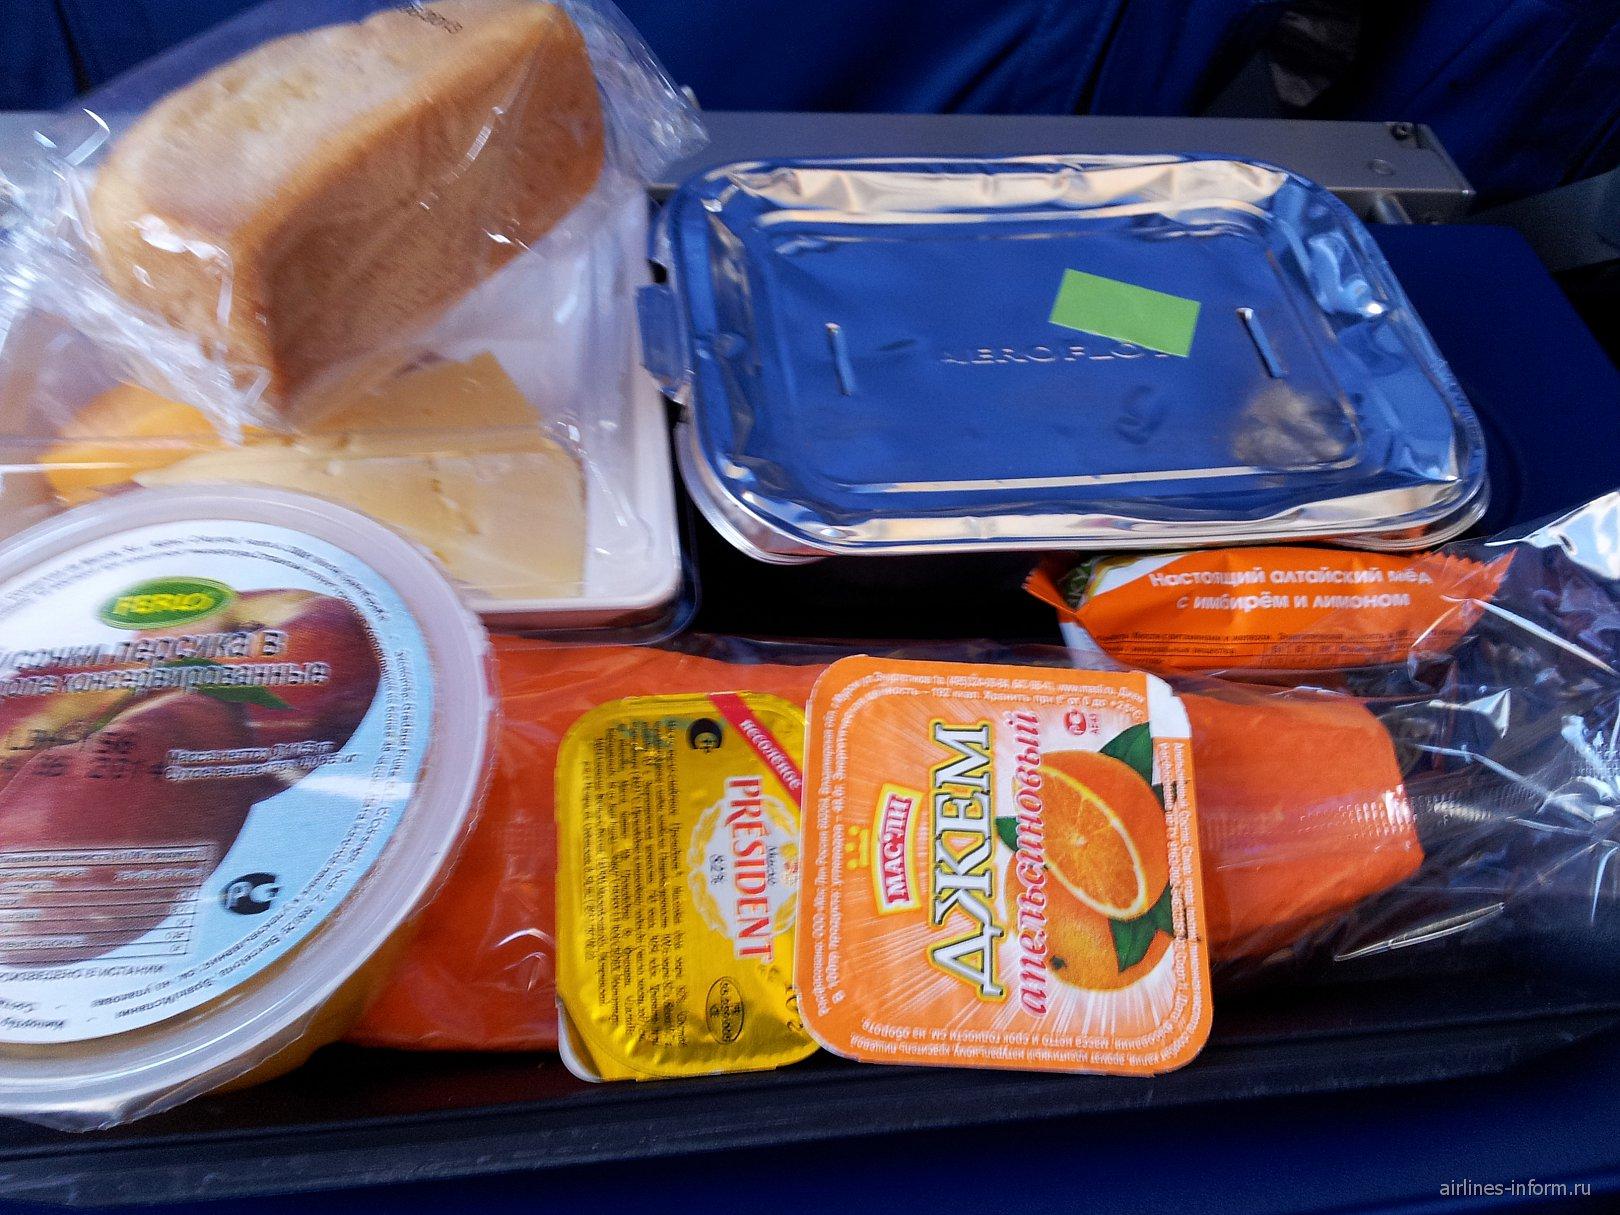 Питание на рейсе авиакомпании Аэрофлот Лондон-Москва